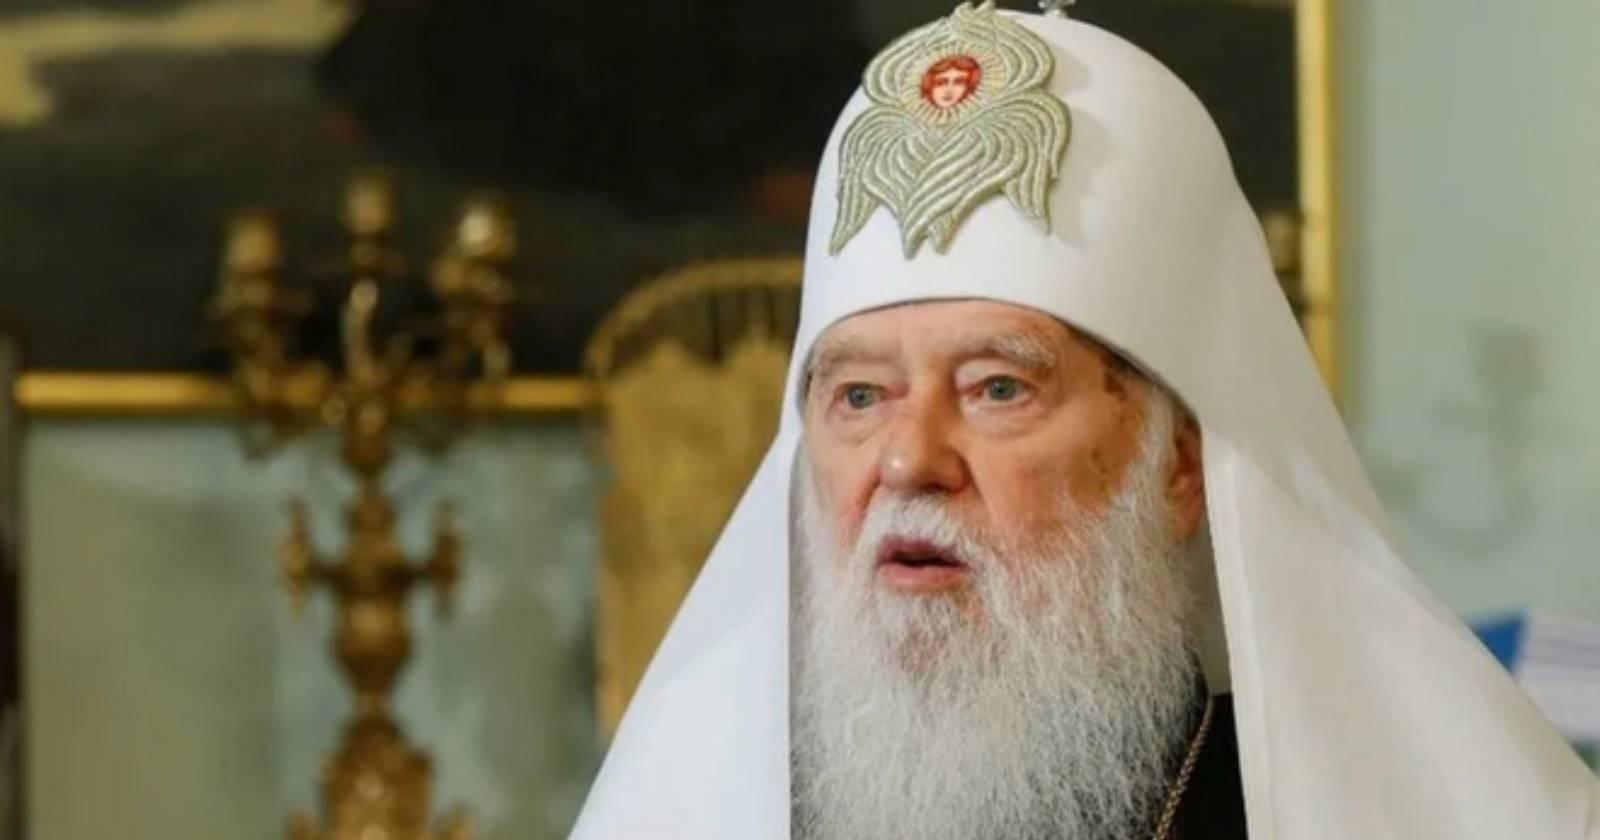 Líder de iglesia ortodoxa que culpó a homosexuales por la pandemia da positivo por COVID-19